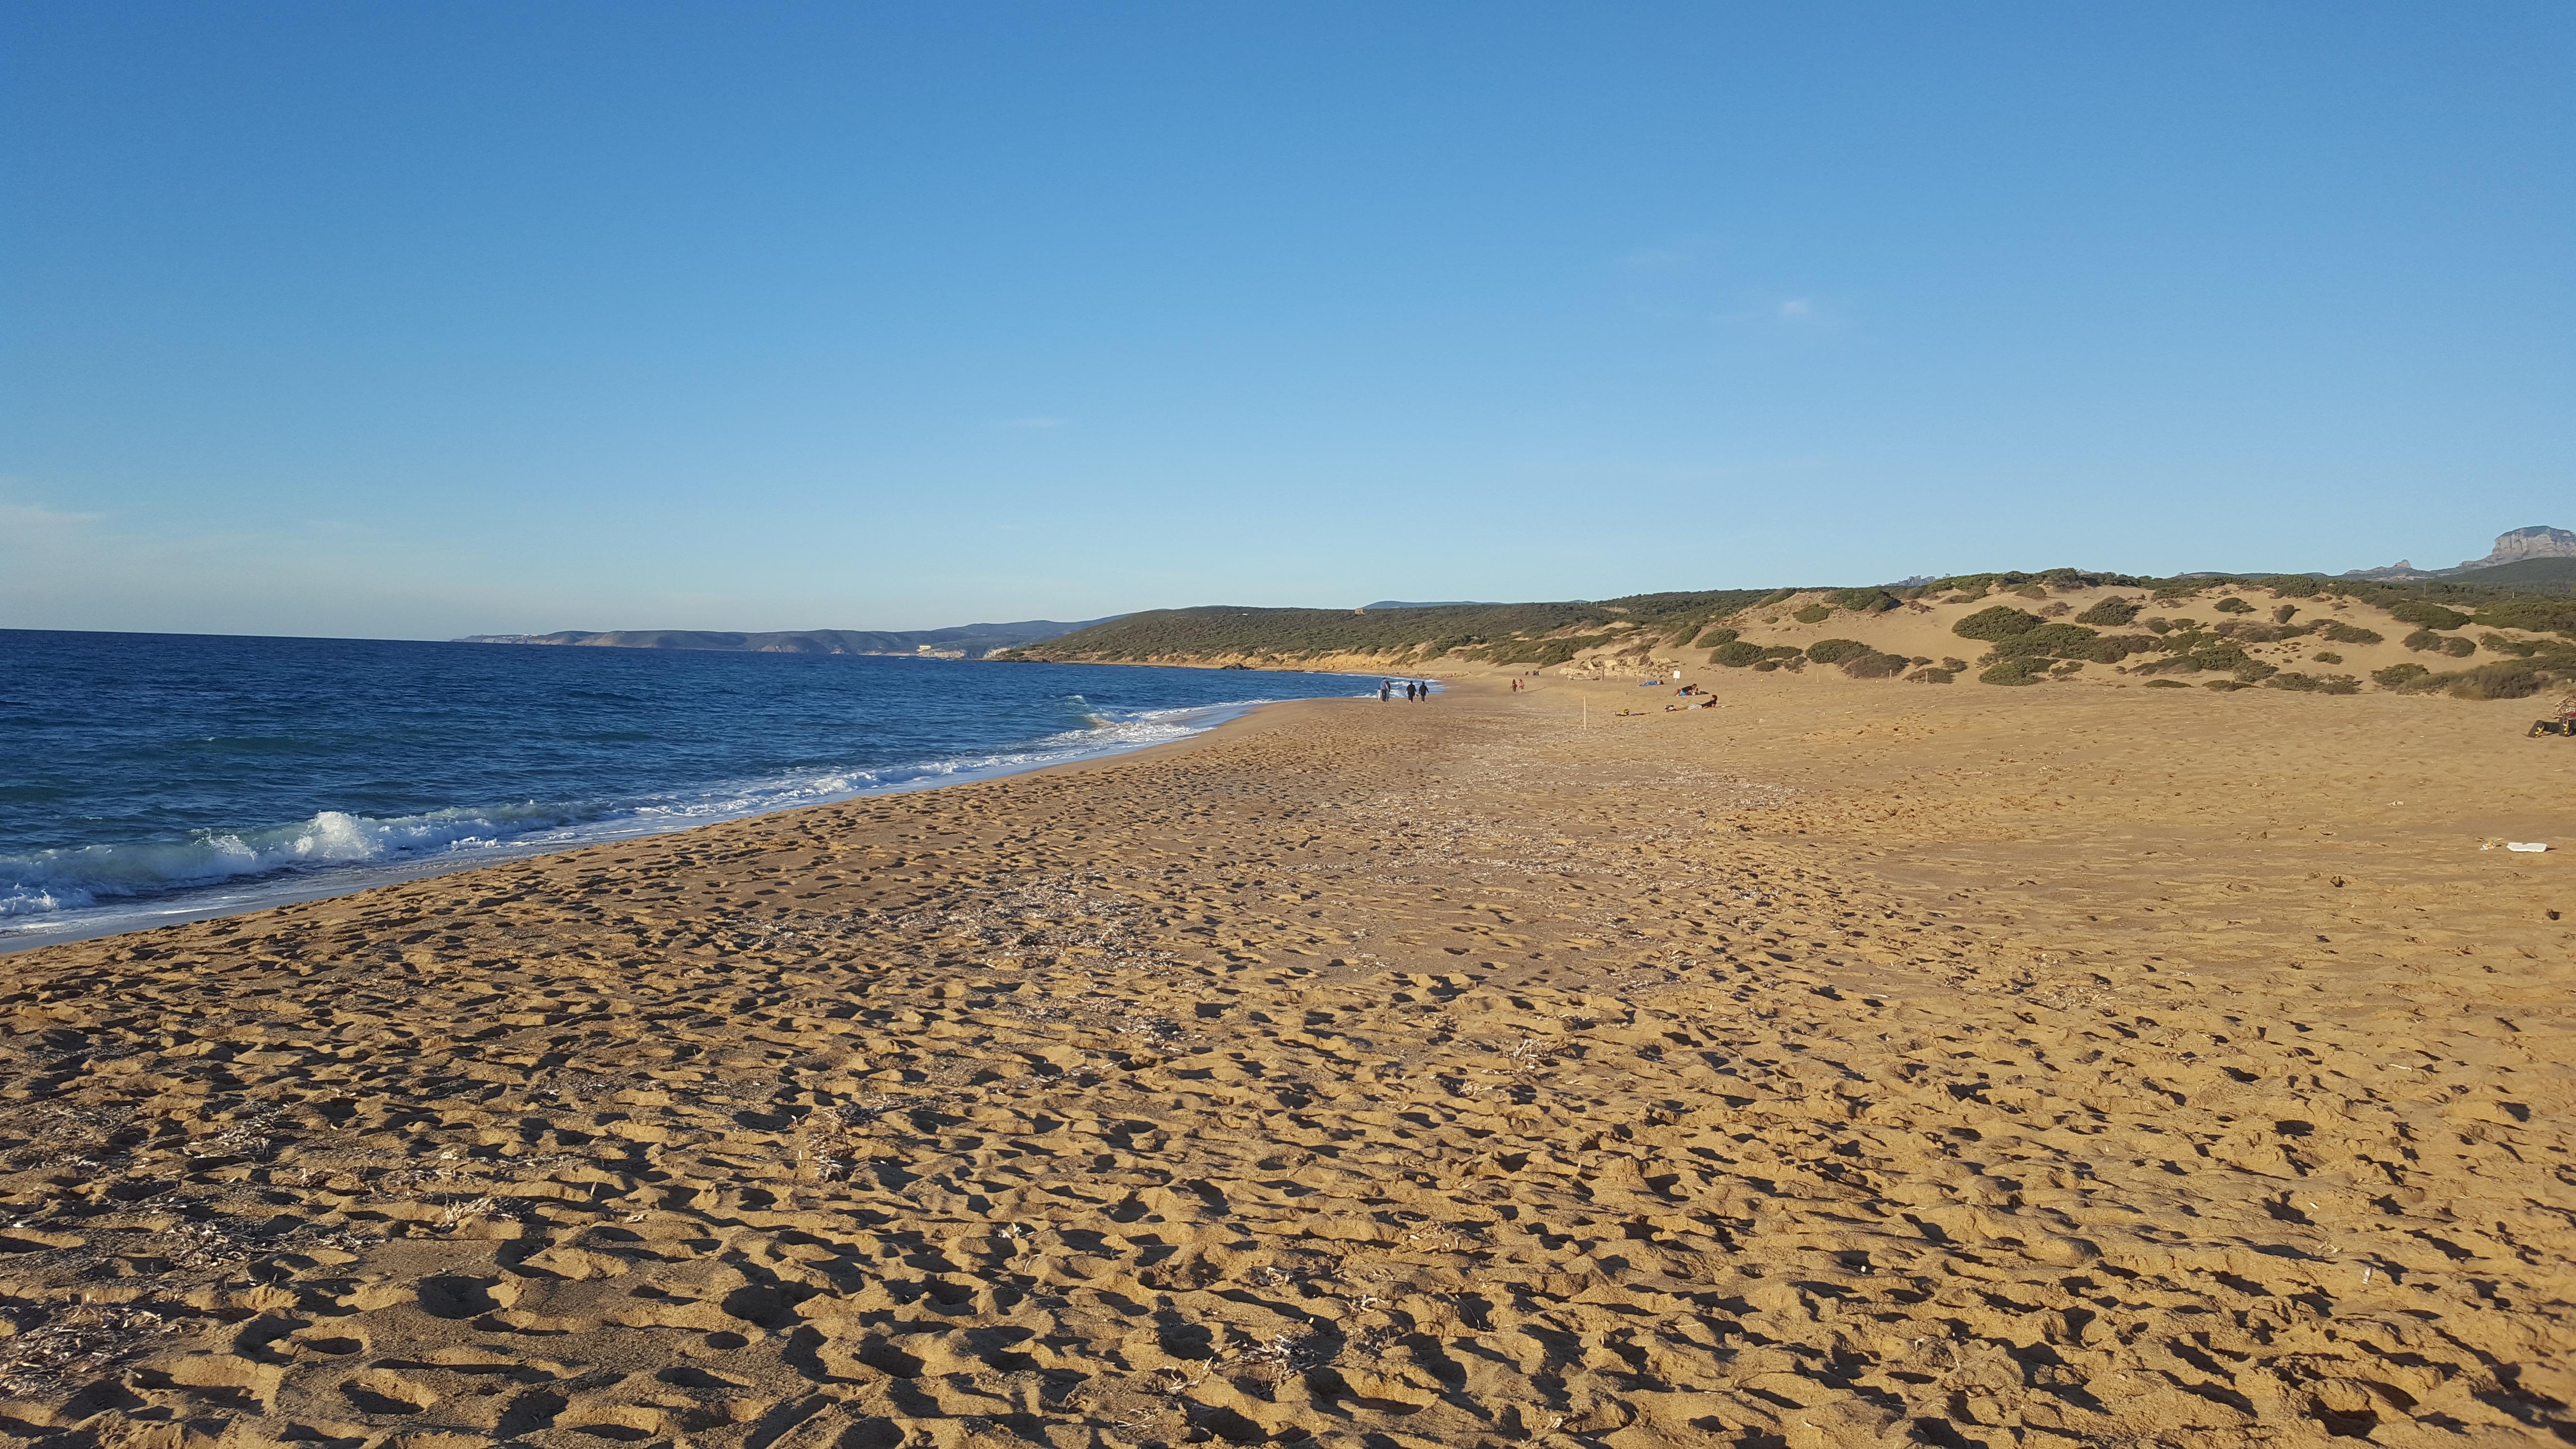 Piscinas e la costa verde la sardegna pi selvaggia for Piscina tartarughe